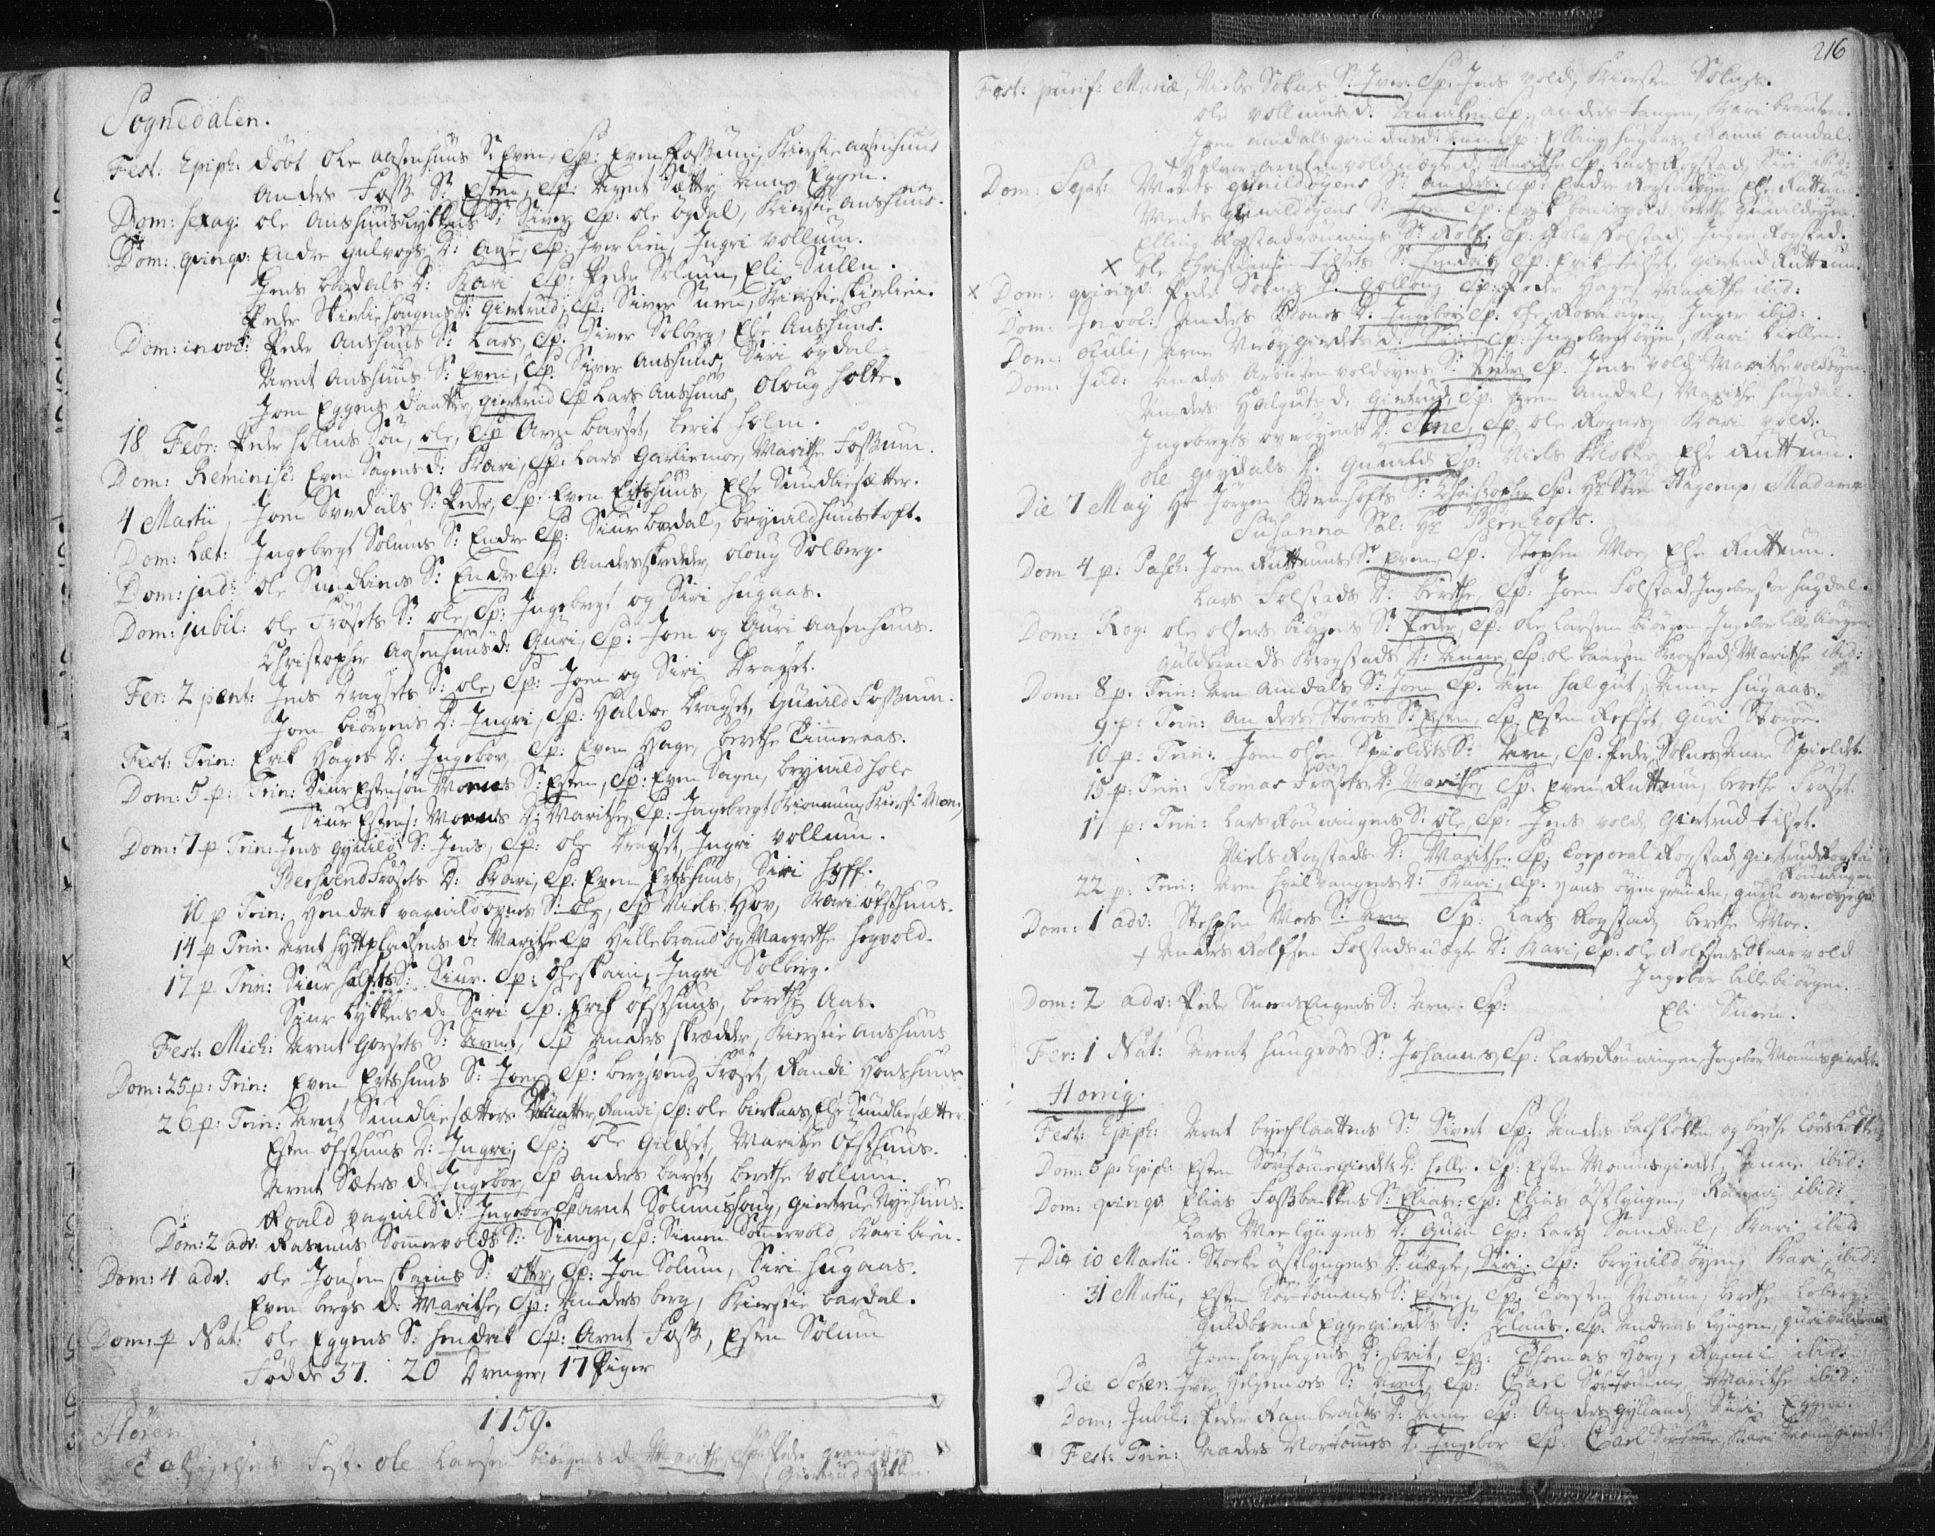 SAT, Ministerialprotokoller, klokkerbøker og fødselsregistre - Sør-Trøndelag, 687/L0991: Ministerialbok nr. 687A02, 1747-1790, s. 216